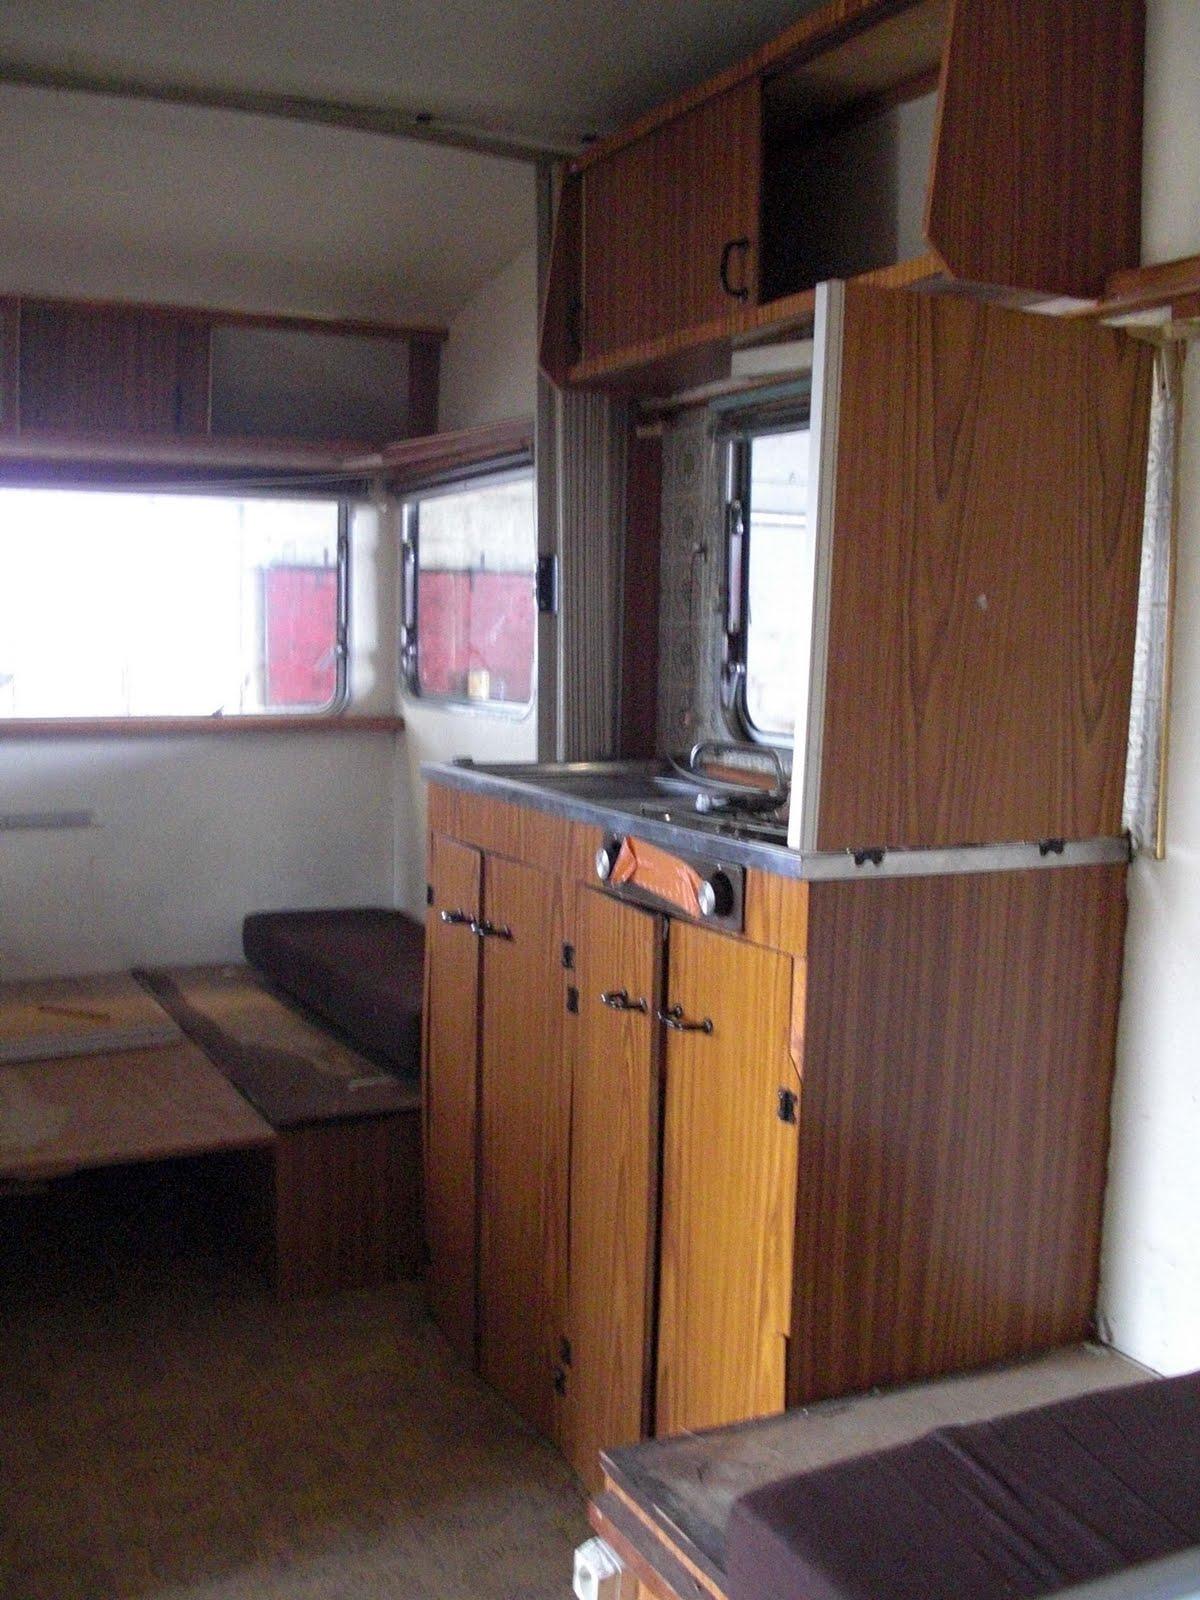 rose capucine caravane relook e une petite beaut avant les vacances. Black Bedroom Furniture Sets. Home Design Ideas